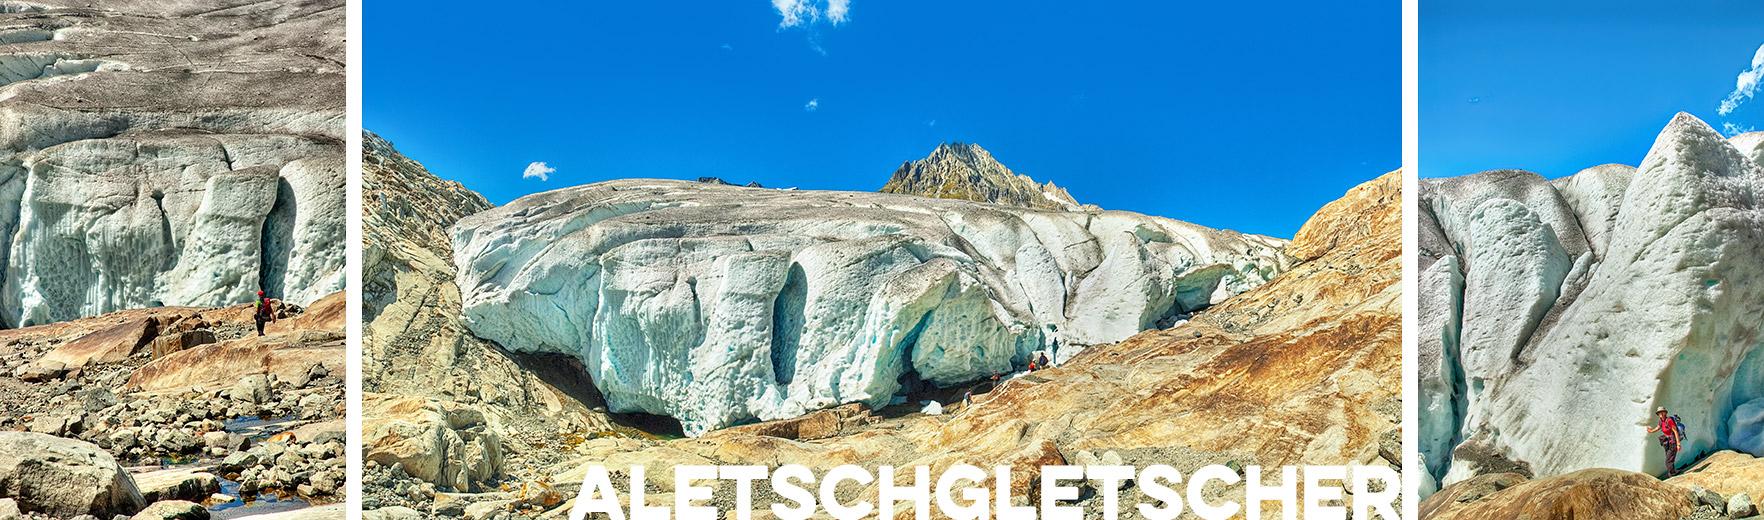 Aletschgletscher, JV